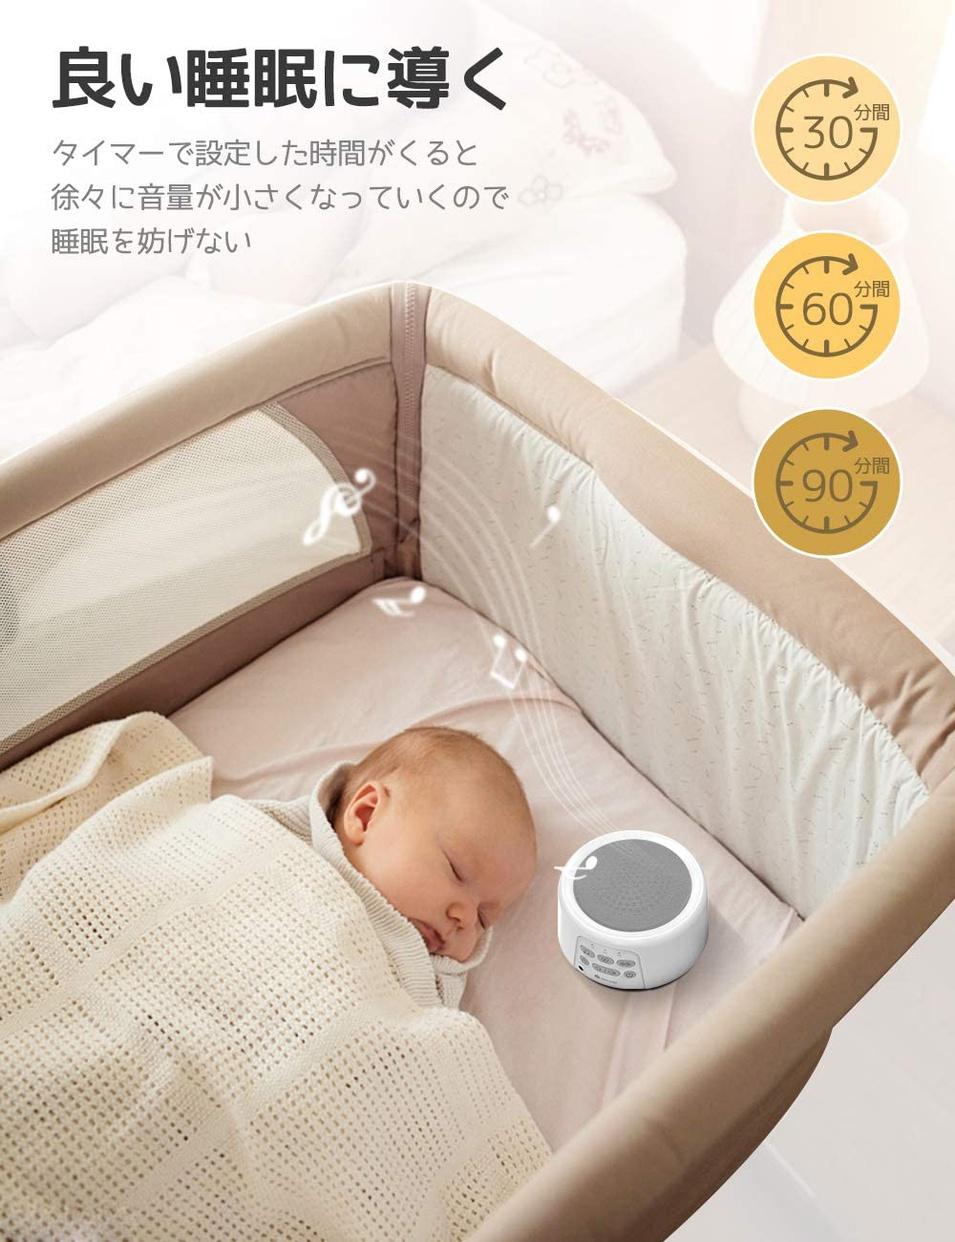 Dreamegg(ドリームエッグ) ホワイトノイズマシンの商品画像4